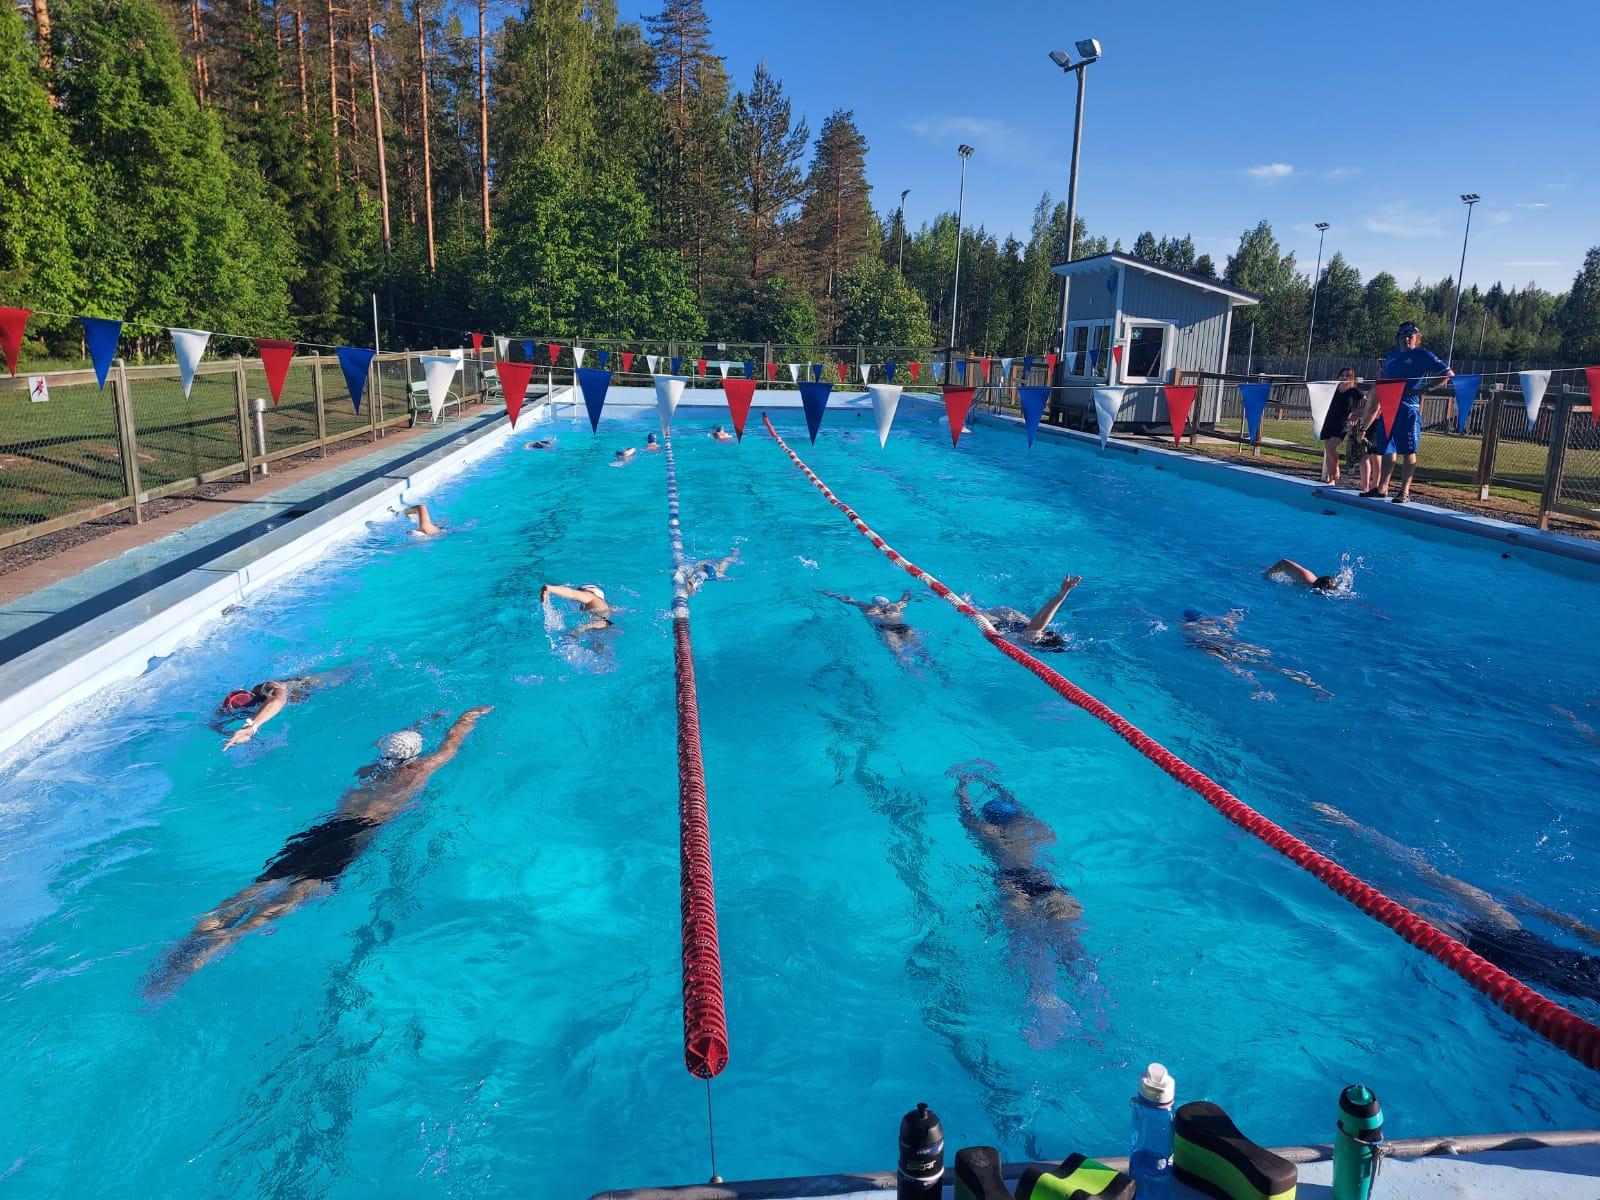 Kajaanin uimaseuran kilparyhmät harjoittelevat Otanmäellä kesällä.